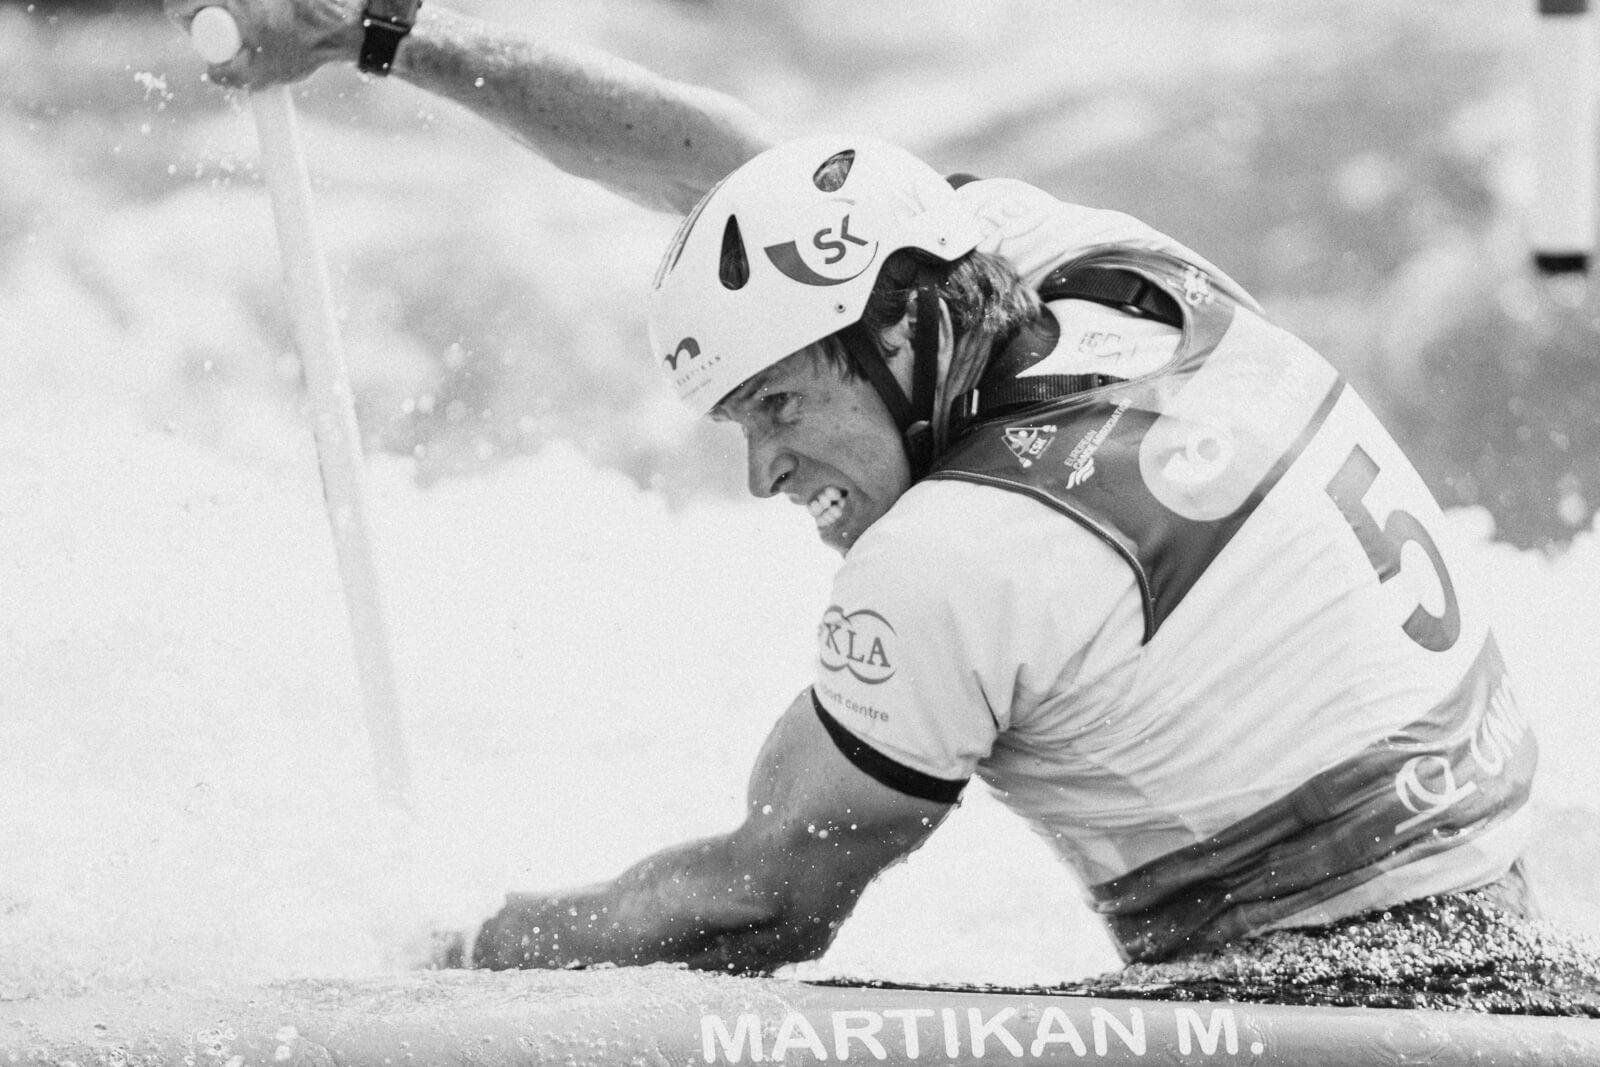 vodní slalom, trója, troja, kanál, sportovní focení, fotograf, křenek, canon,C1, reprezentace, K1 , martikan